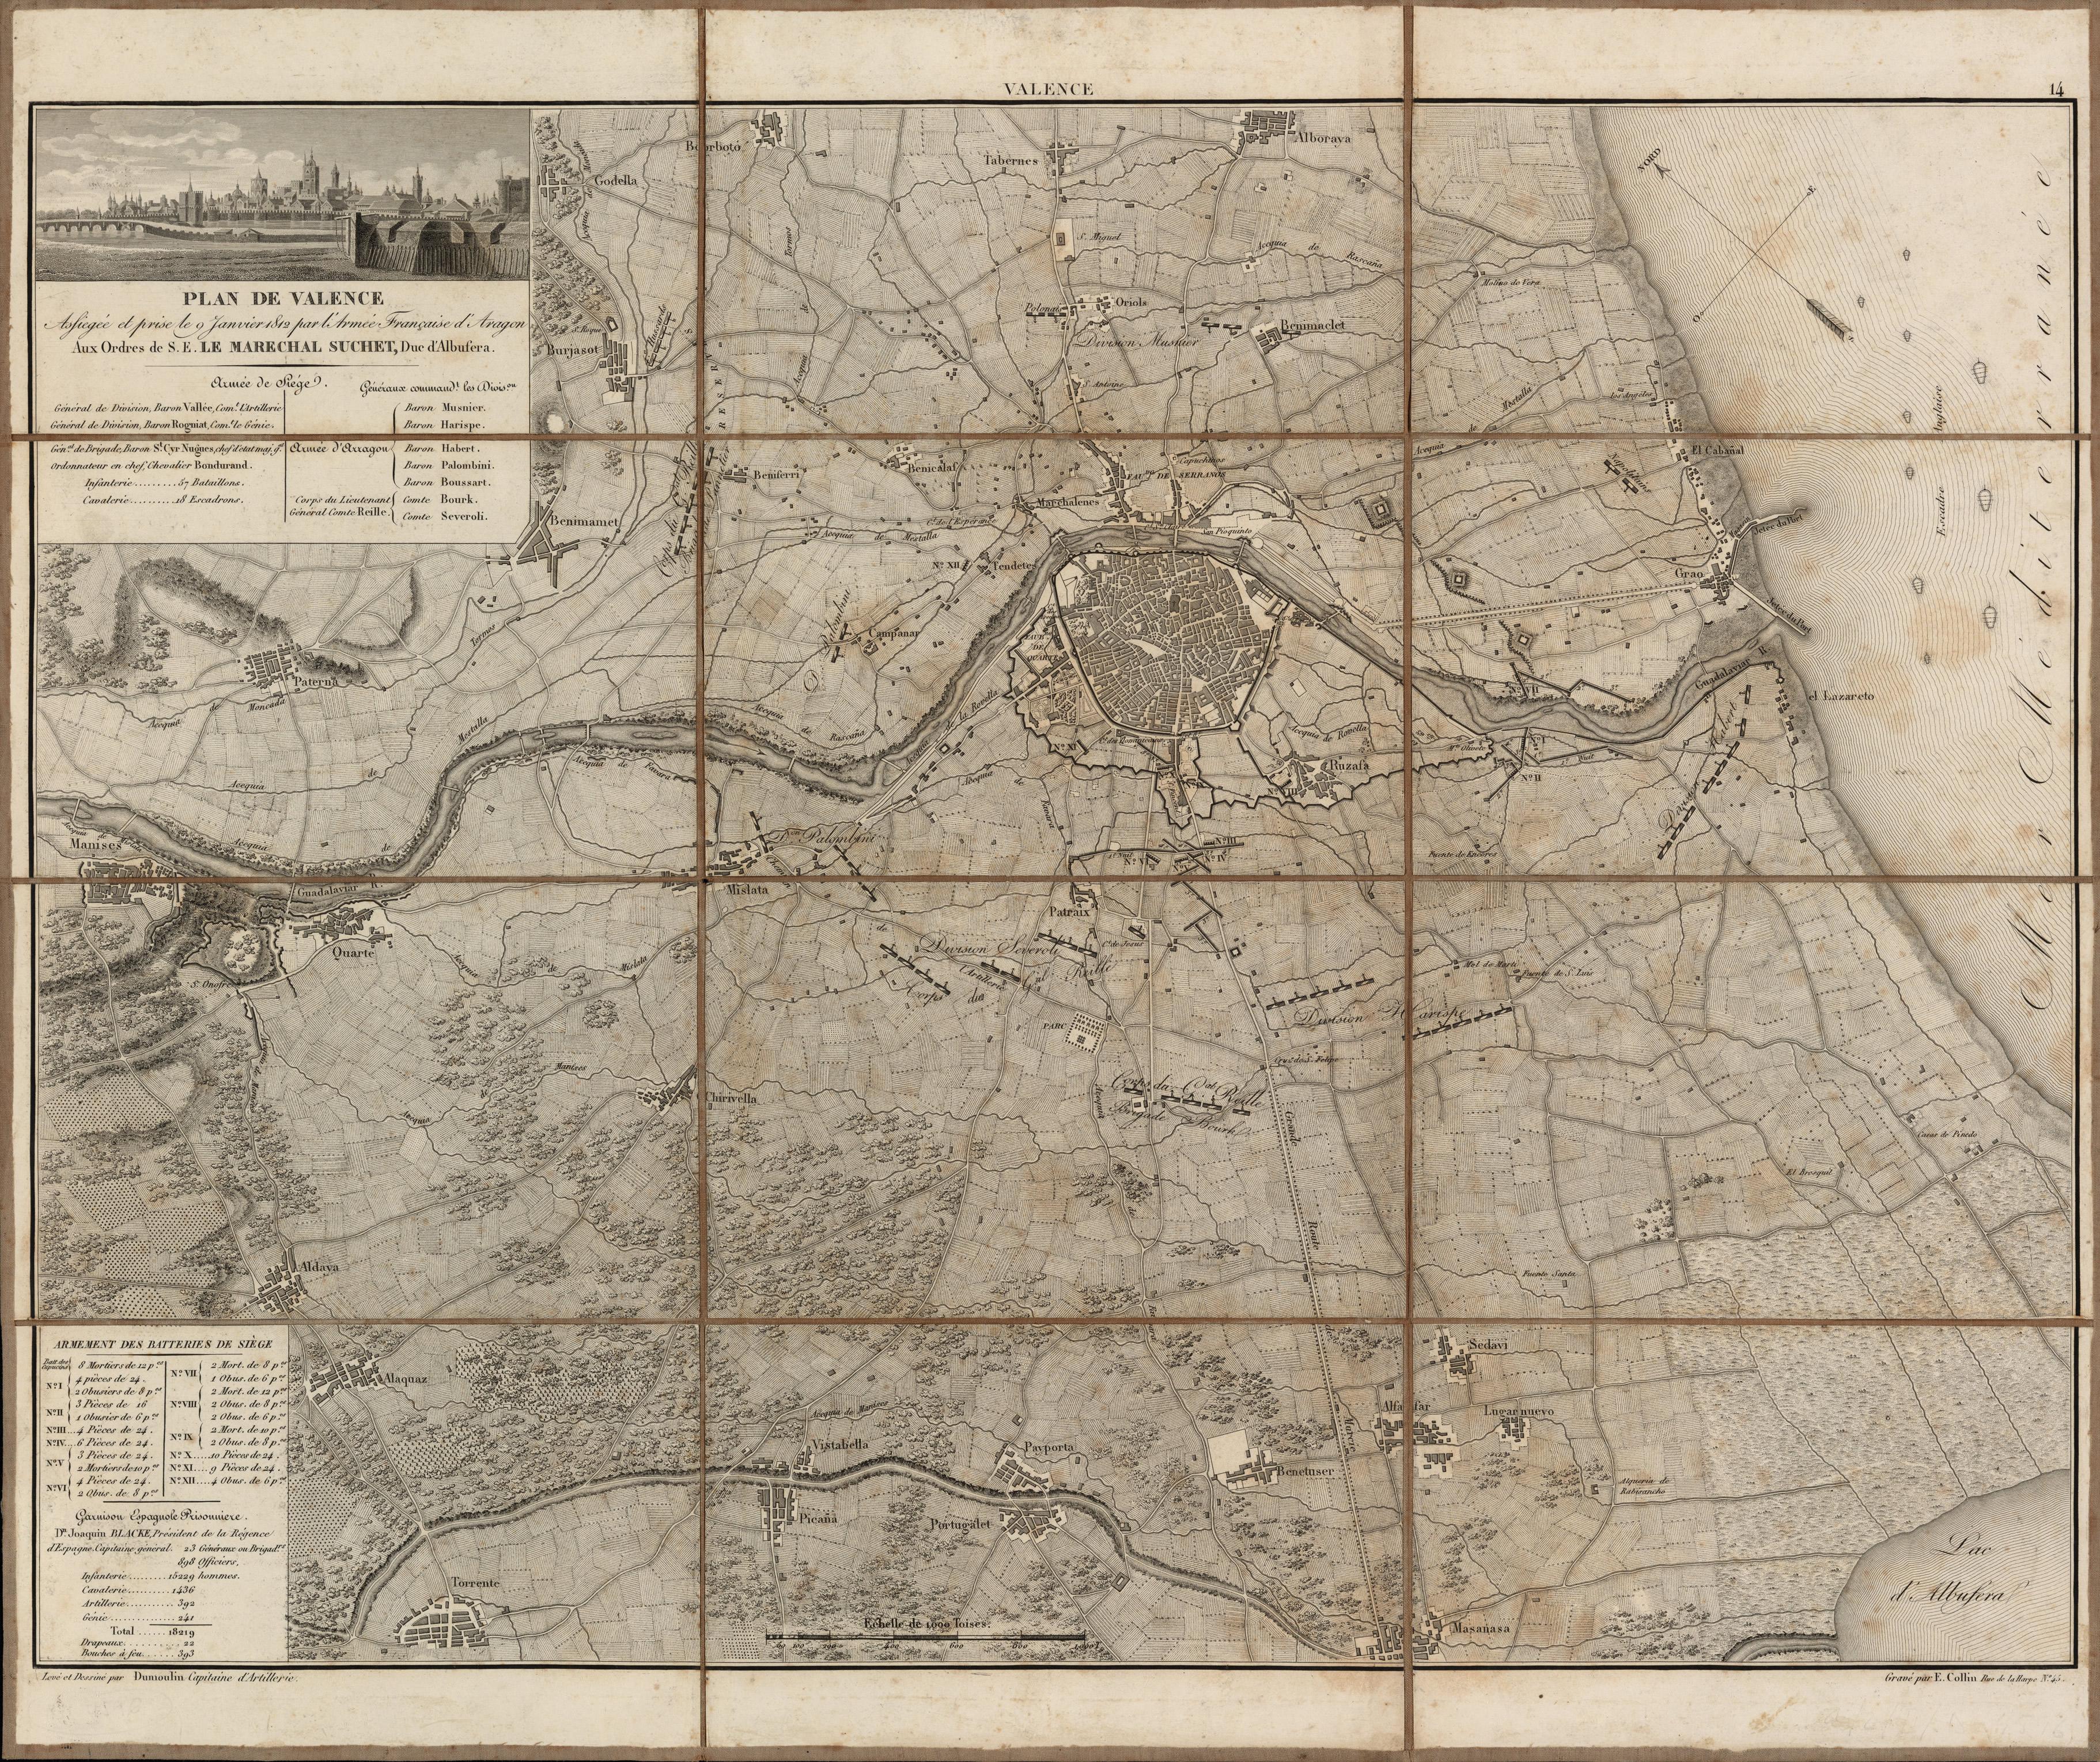 Map of Valencia, January 1812